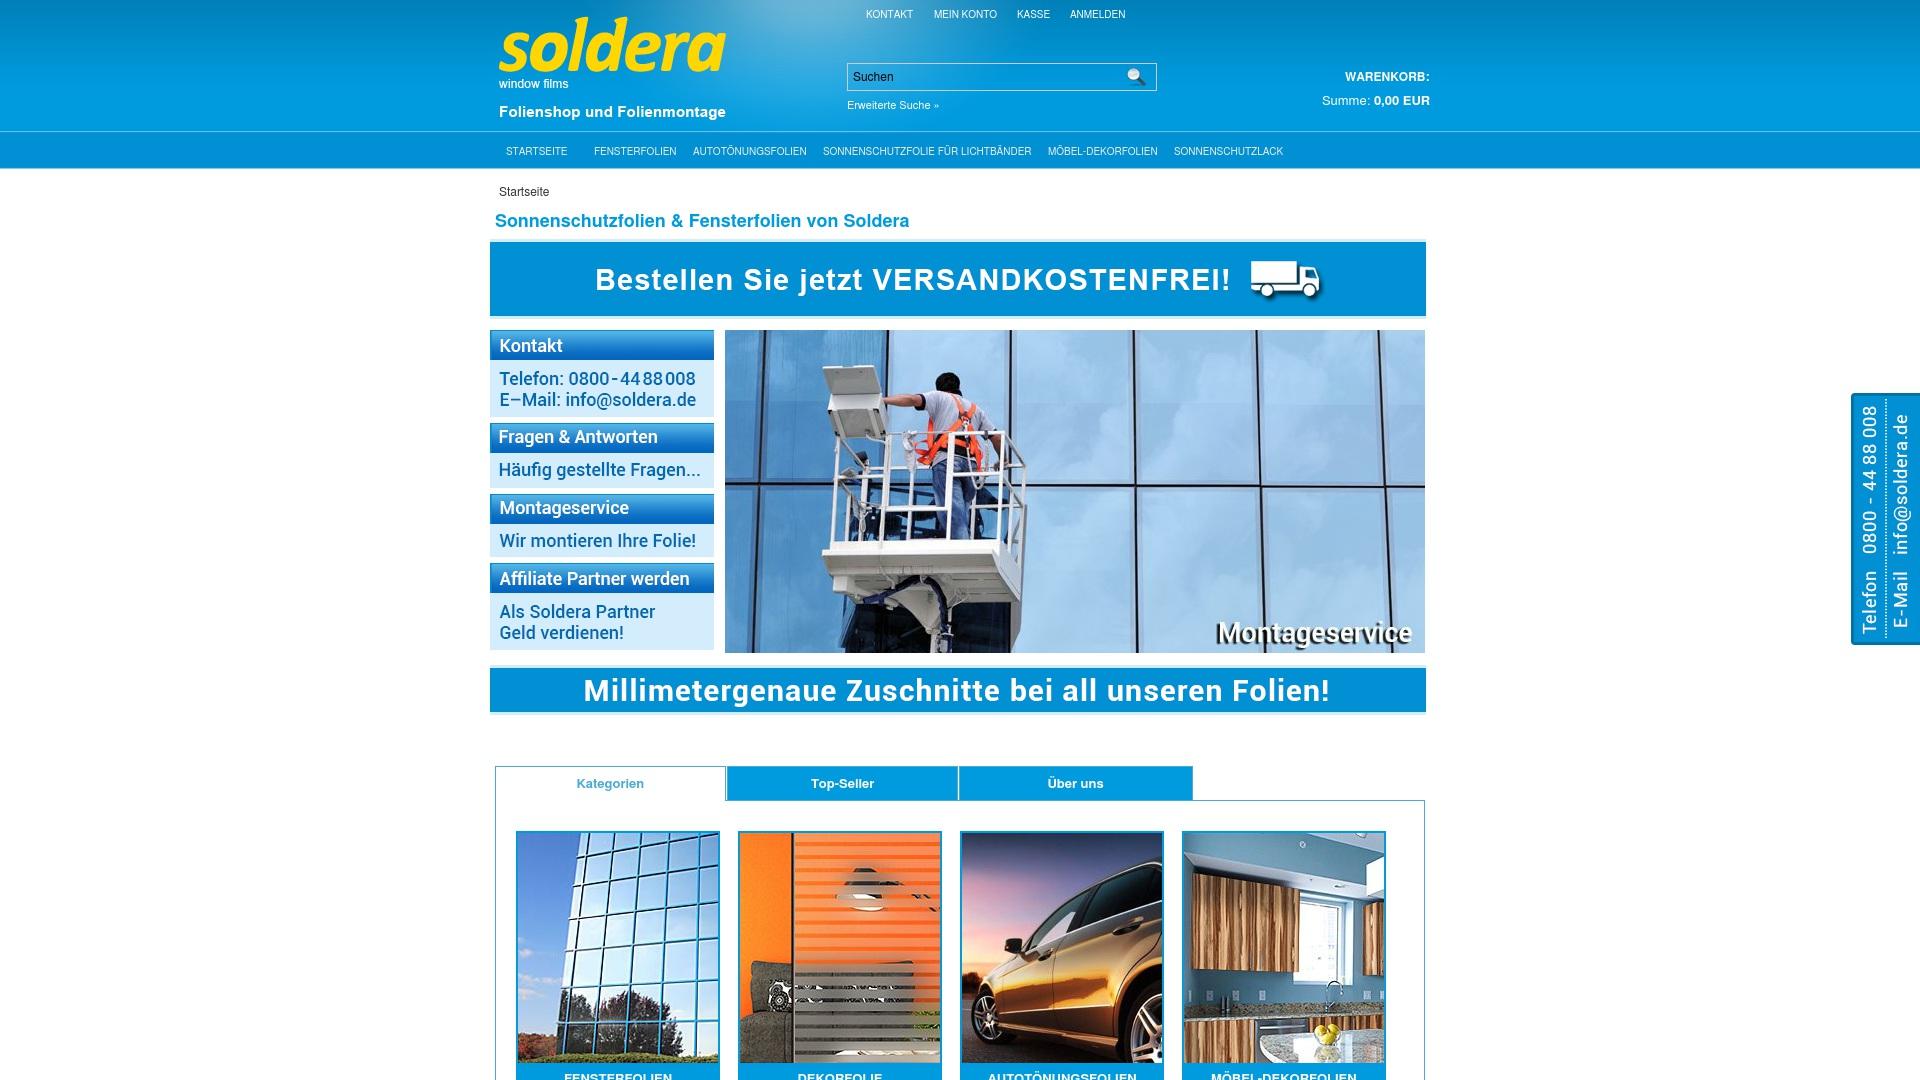 Geld zurück bei Soldera: Jetzt im Mai 2021 Cashback für Soldera sichern